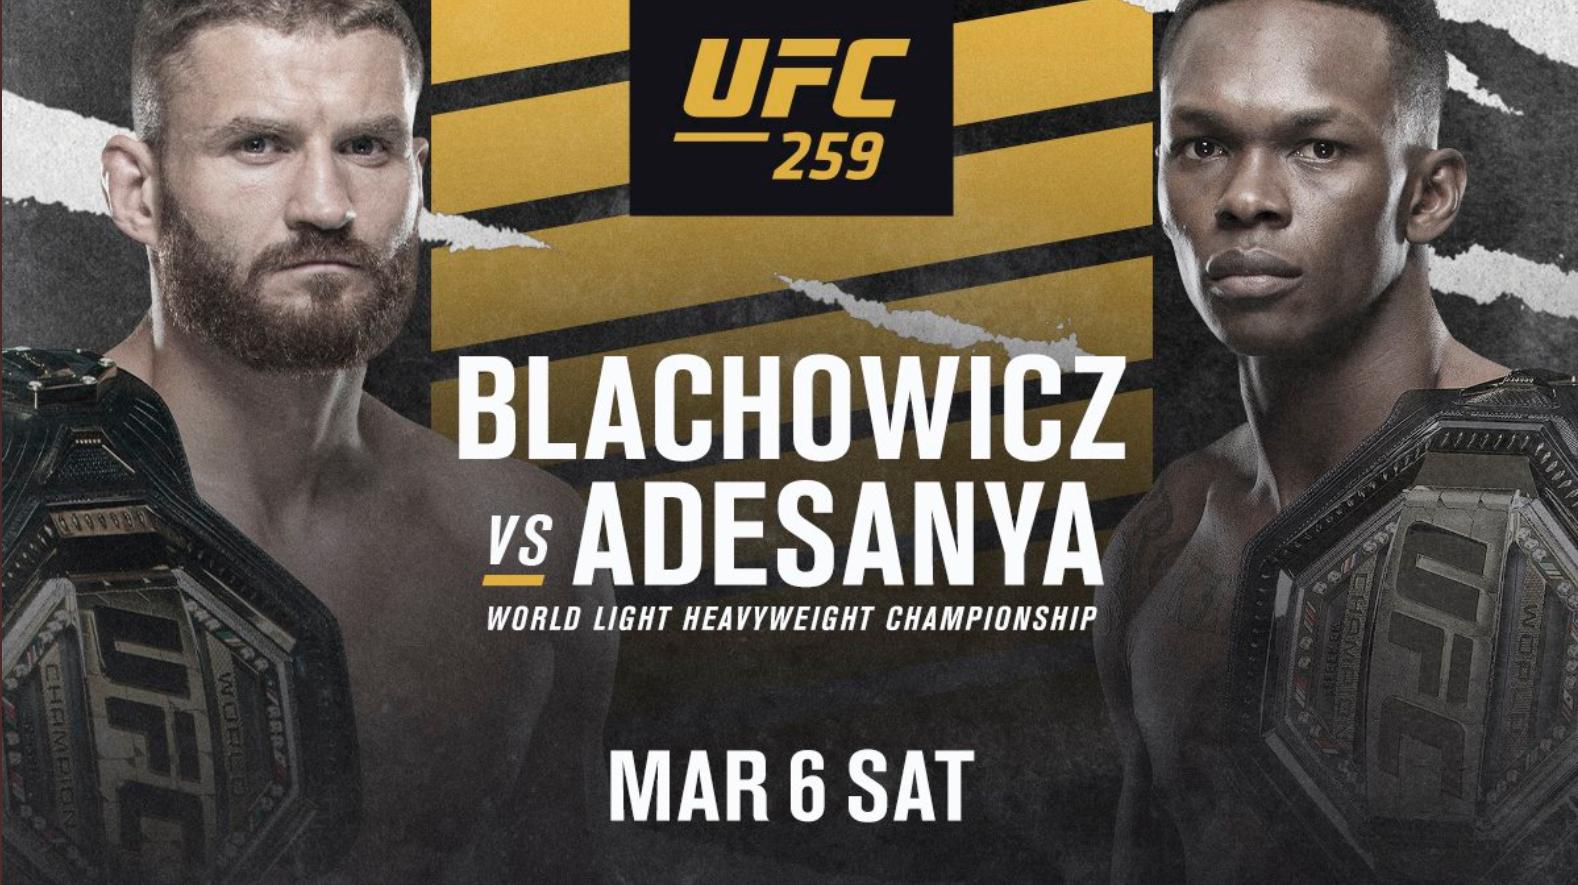 UFC 259 블라코비치 VS 아데산야 대진표 - 4명의 챔피언, 3개의 타이틀전